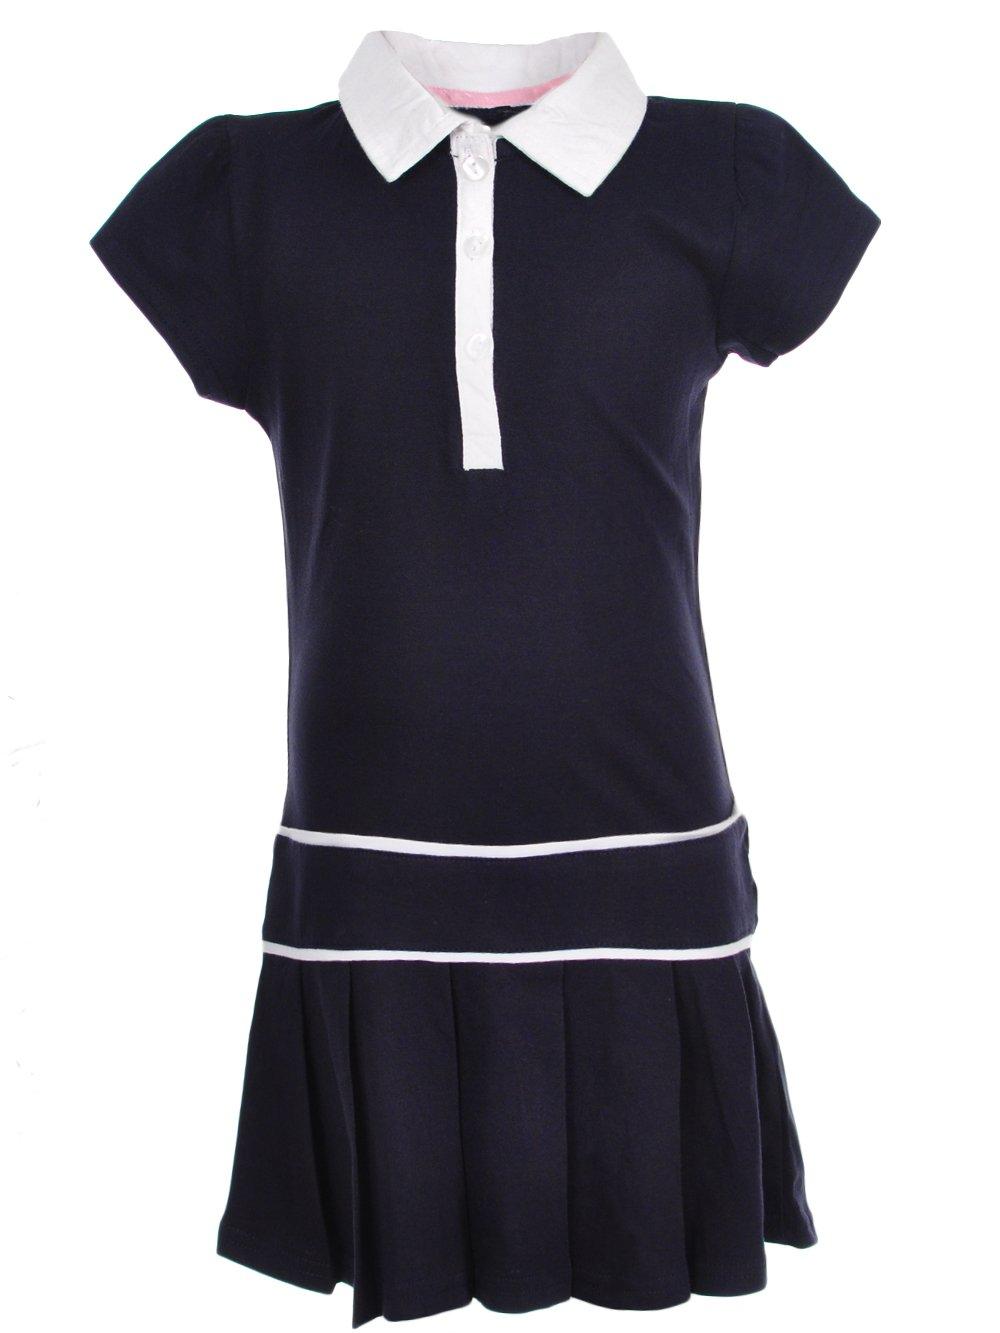 U.S. Polo Assn. Knit Jumper - Navy, 4